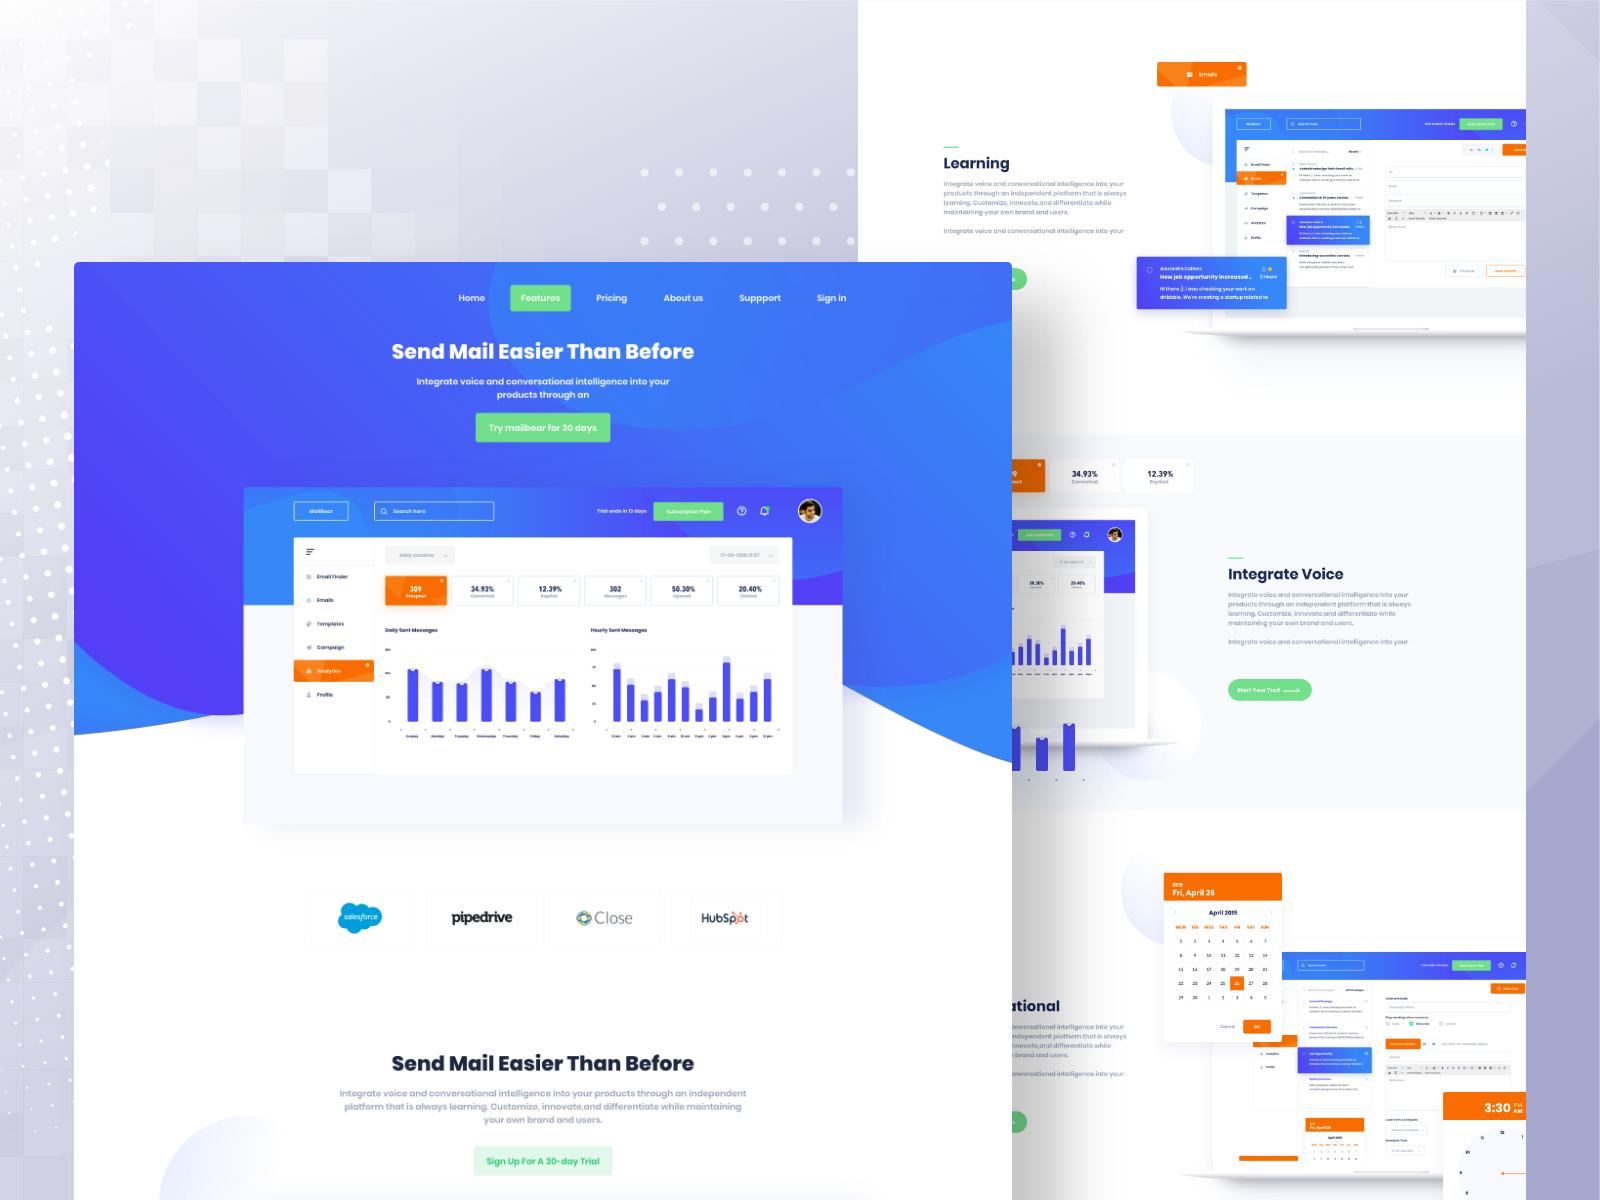 روندهای برتر طراحی وب که باید در سال 2020 بدانید